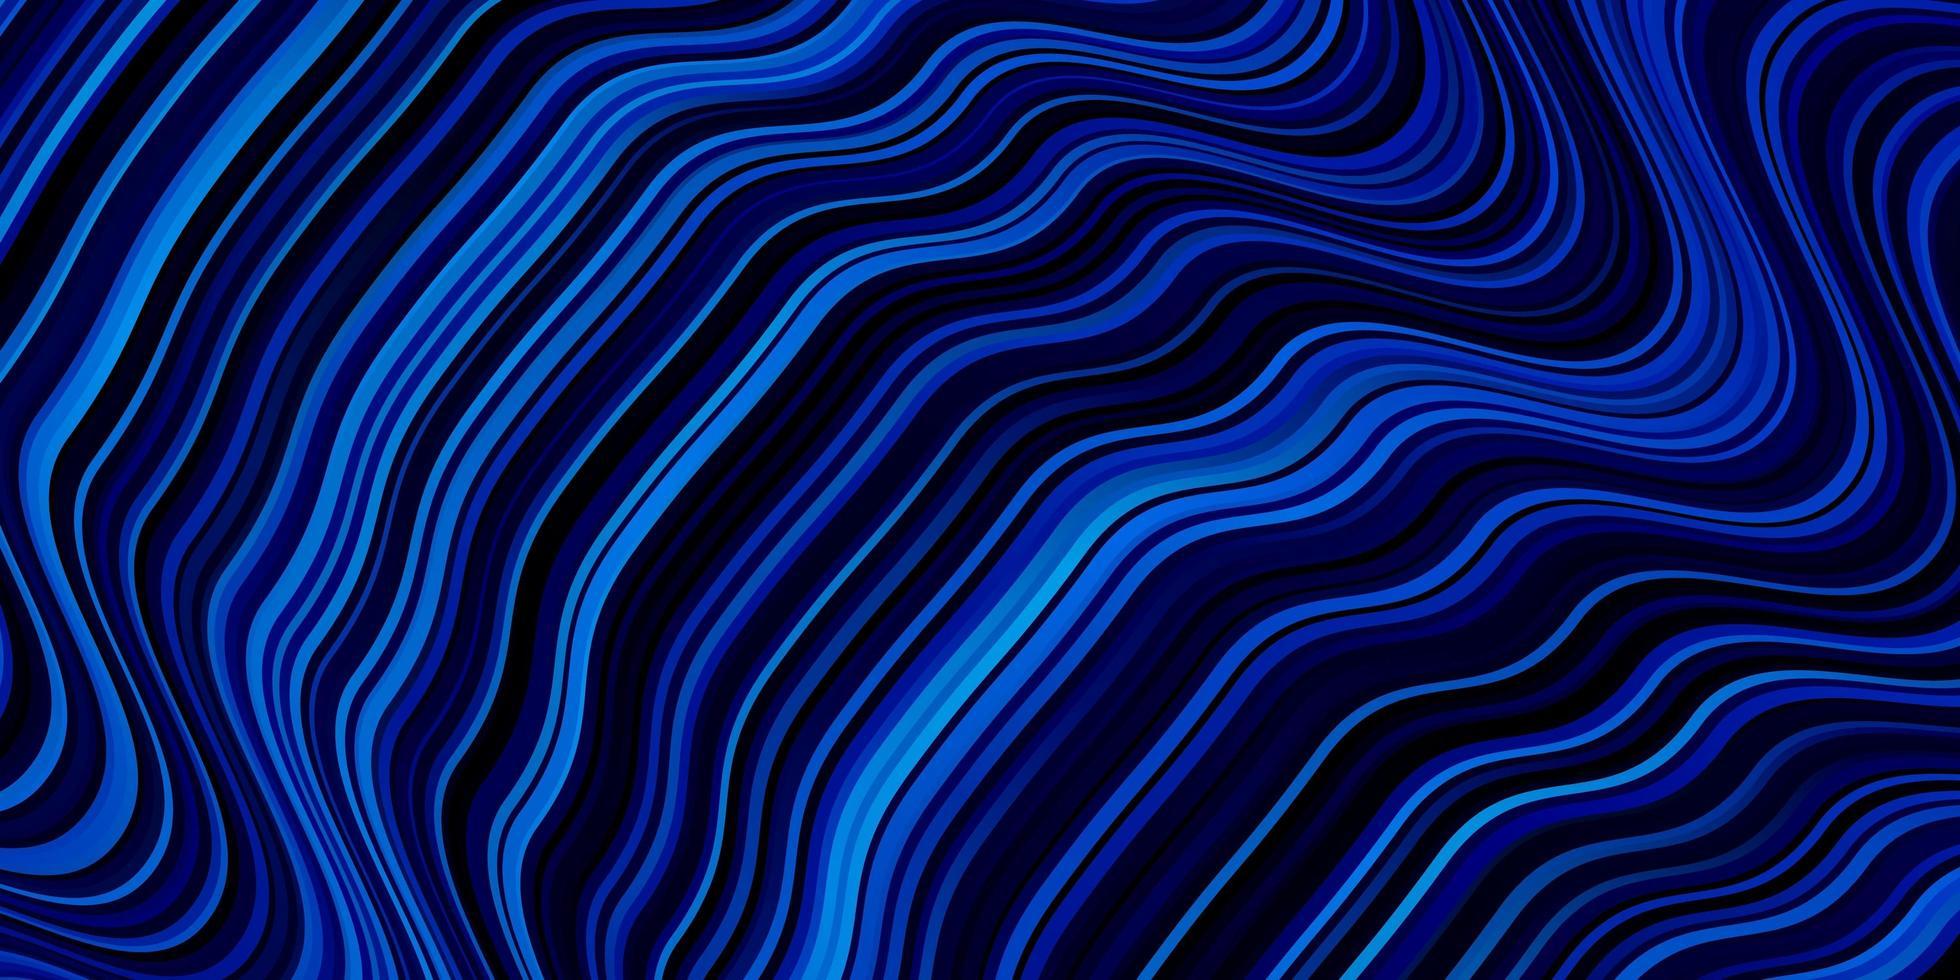 diseño de vector azul claro con líneas torcidas.